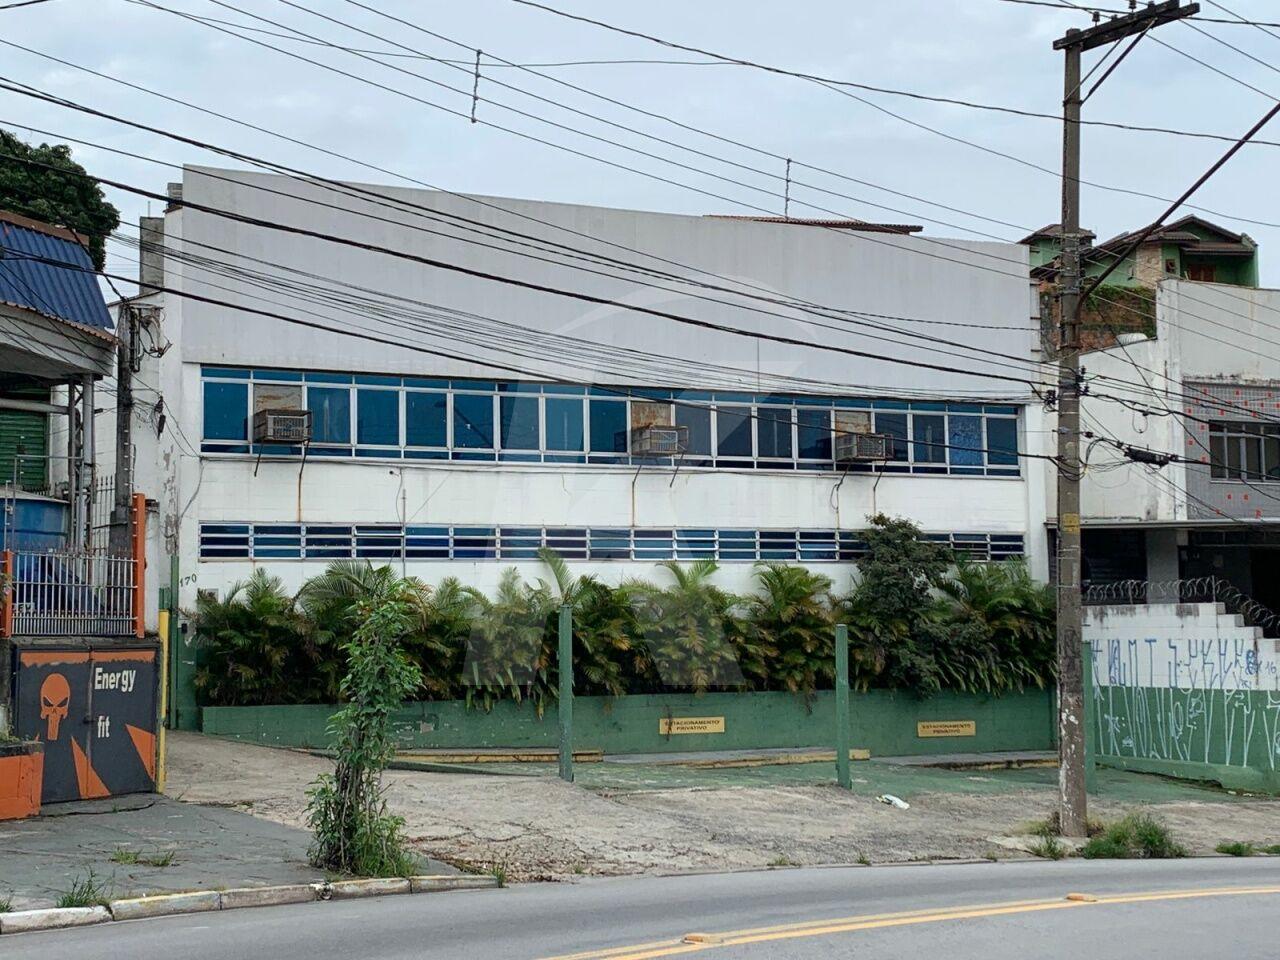 Alugar - Galpão - Vila Gustavo - 0 dormitórios.